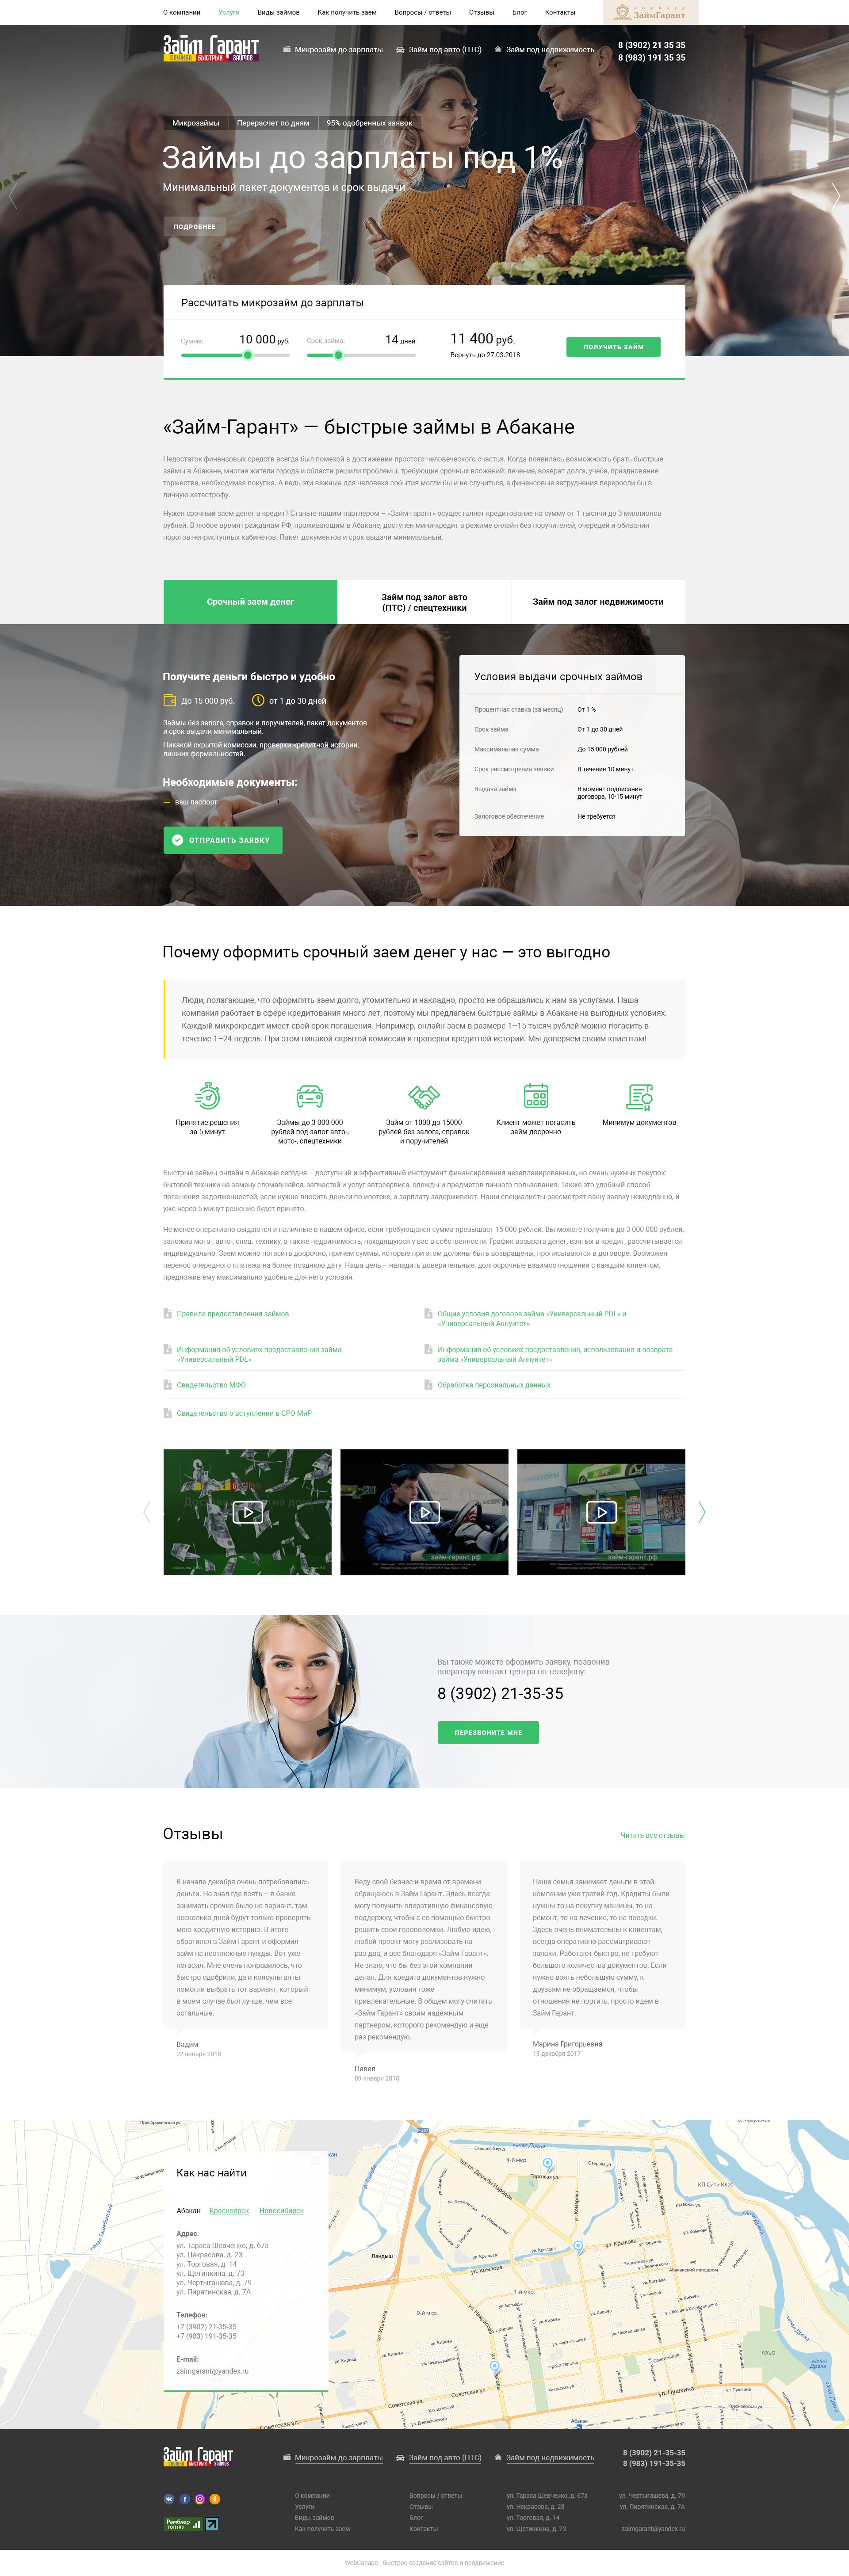 Редизайн и модернизация сайта для компании по выдаче займов